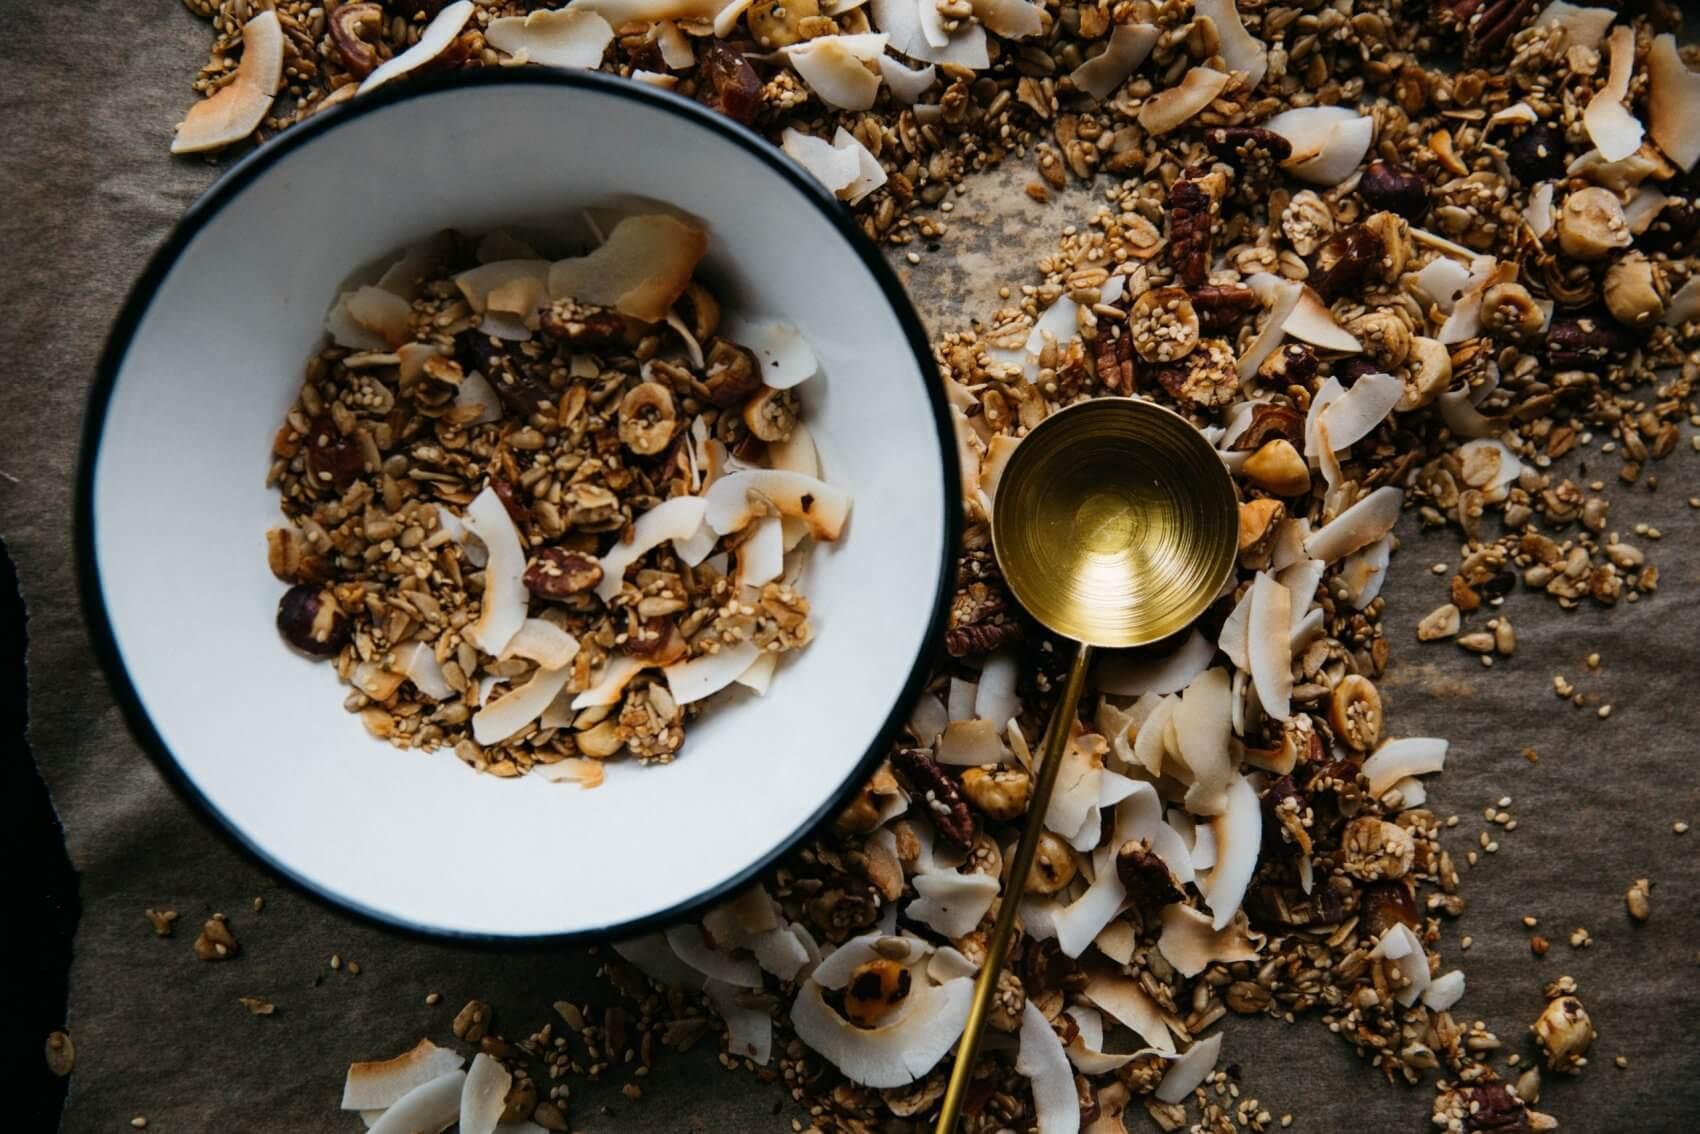 Coconut Muesli with Golden Spoon